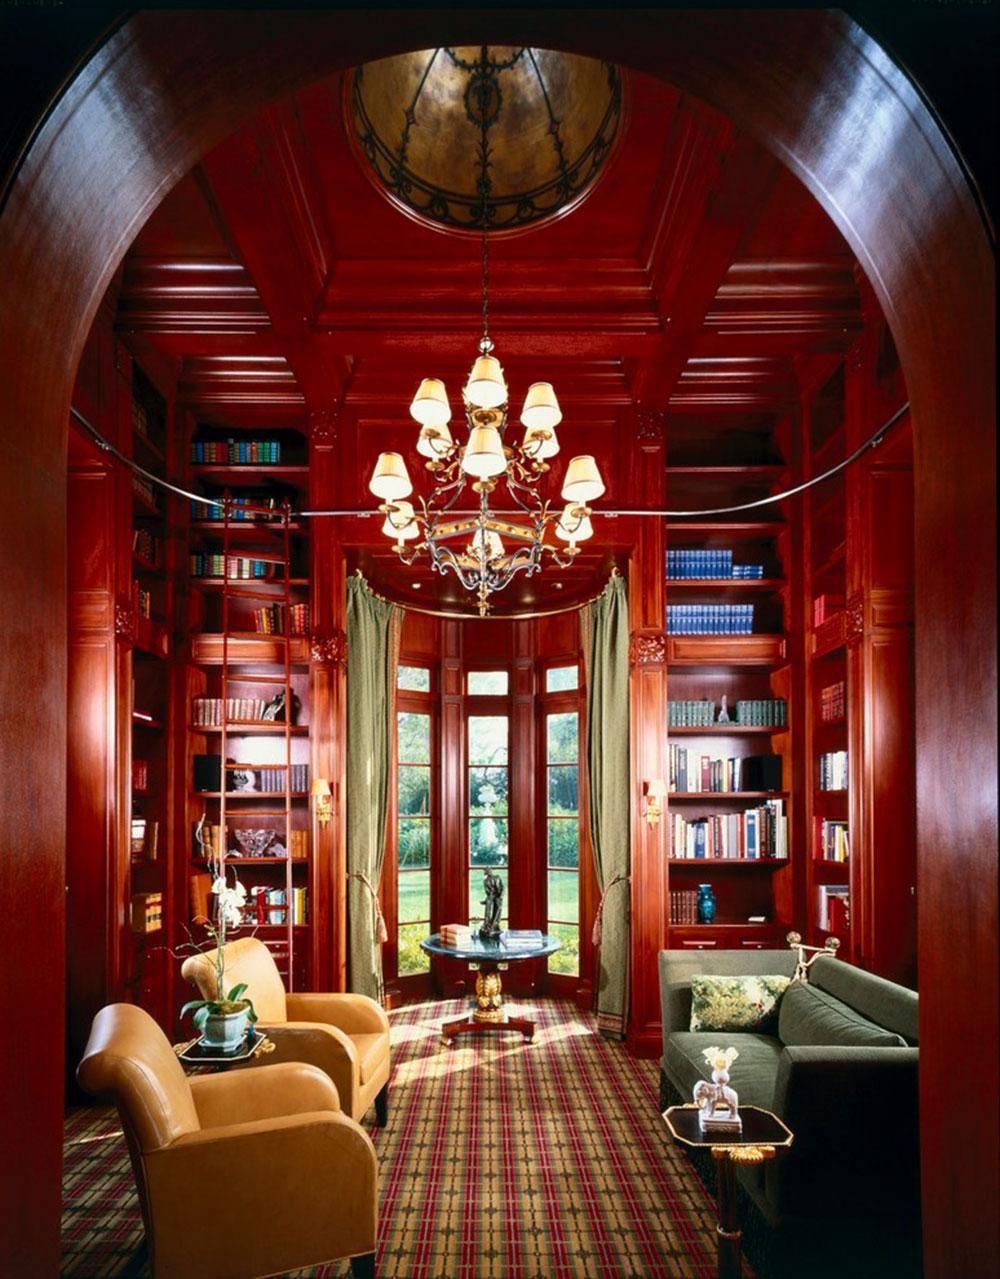 Skapa ett hembibliotek Design gör för ett avkopplande utrymme 9 Skapa ett hembibliotek Design gör för ett avkopplande utrymme